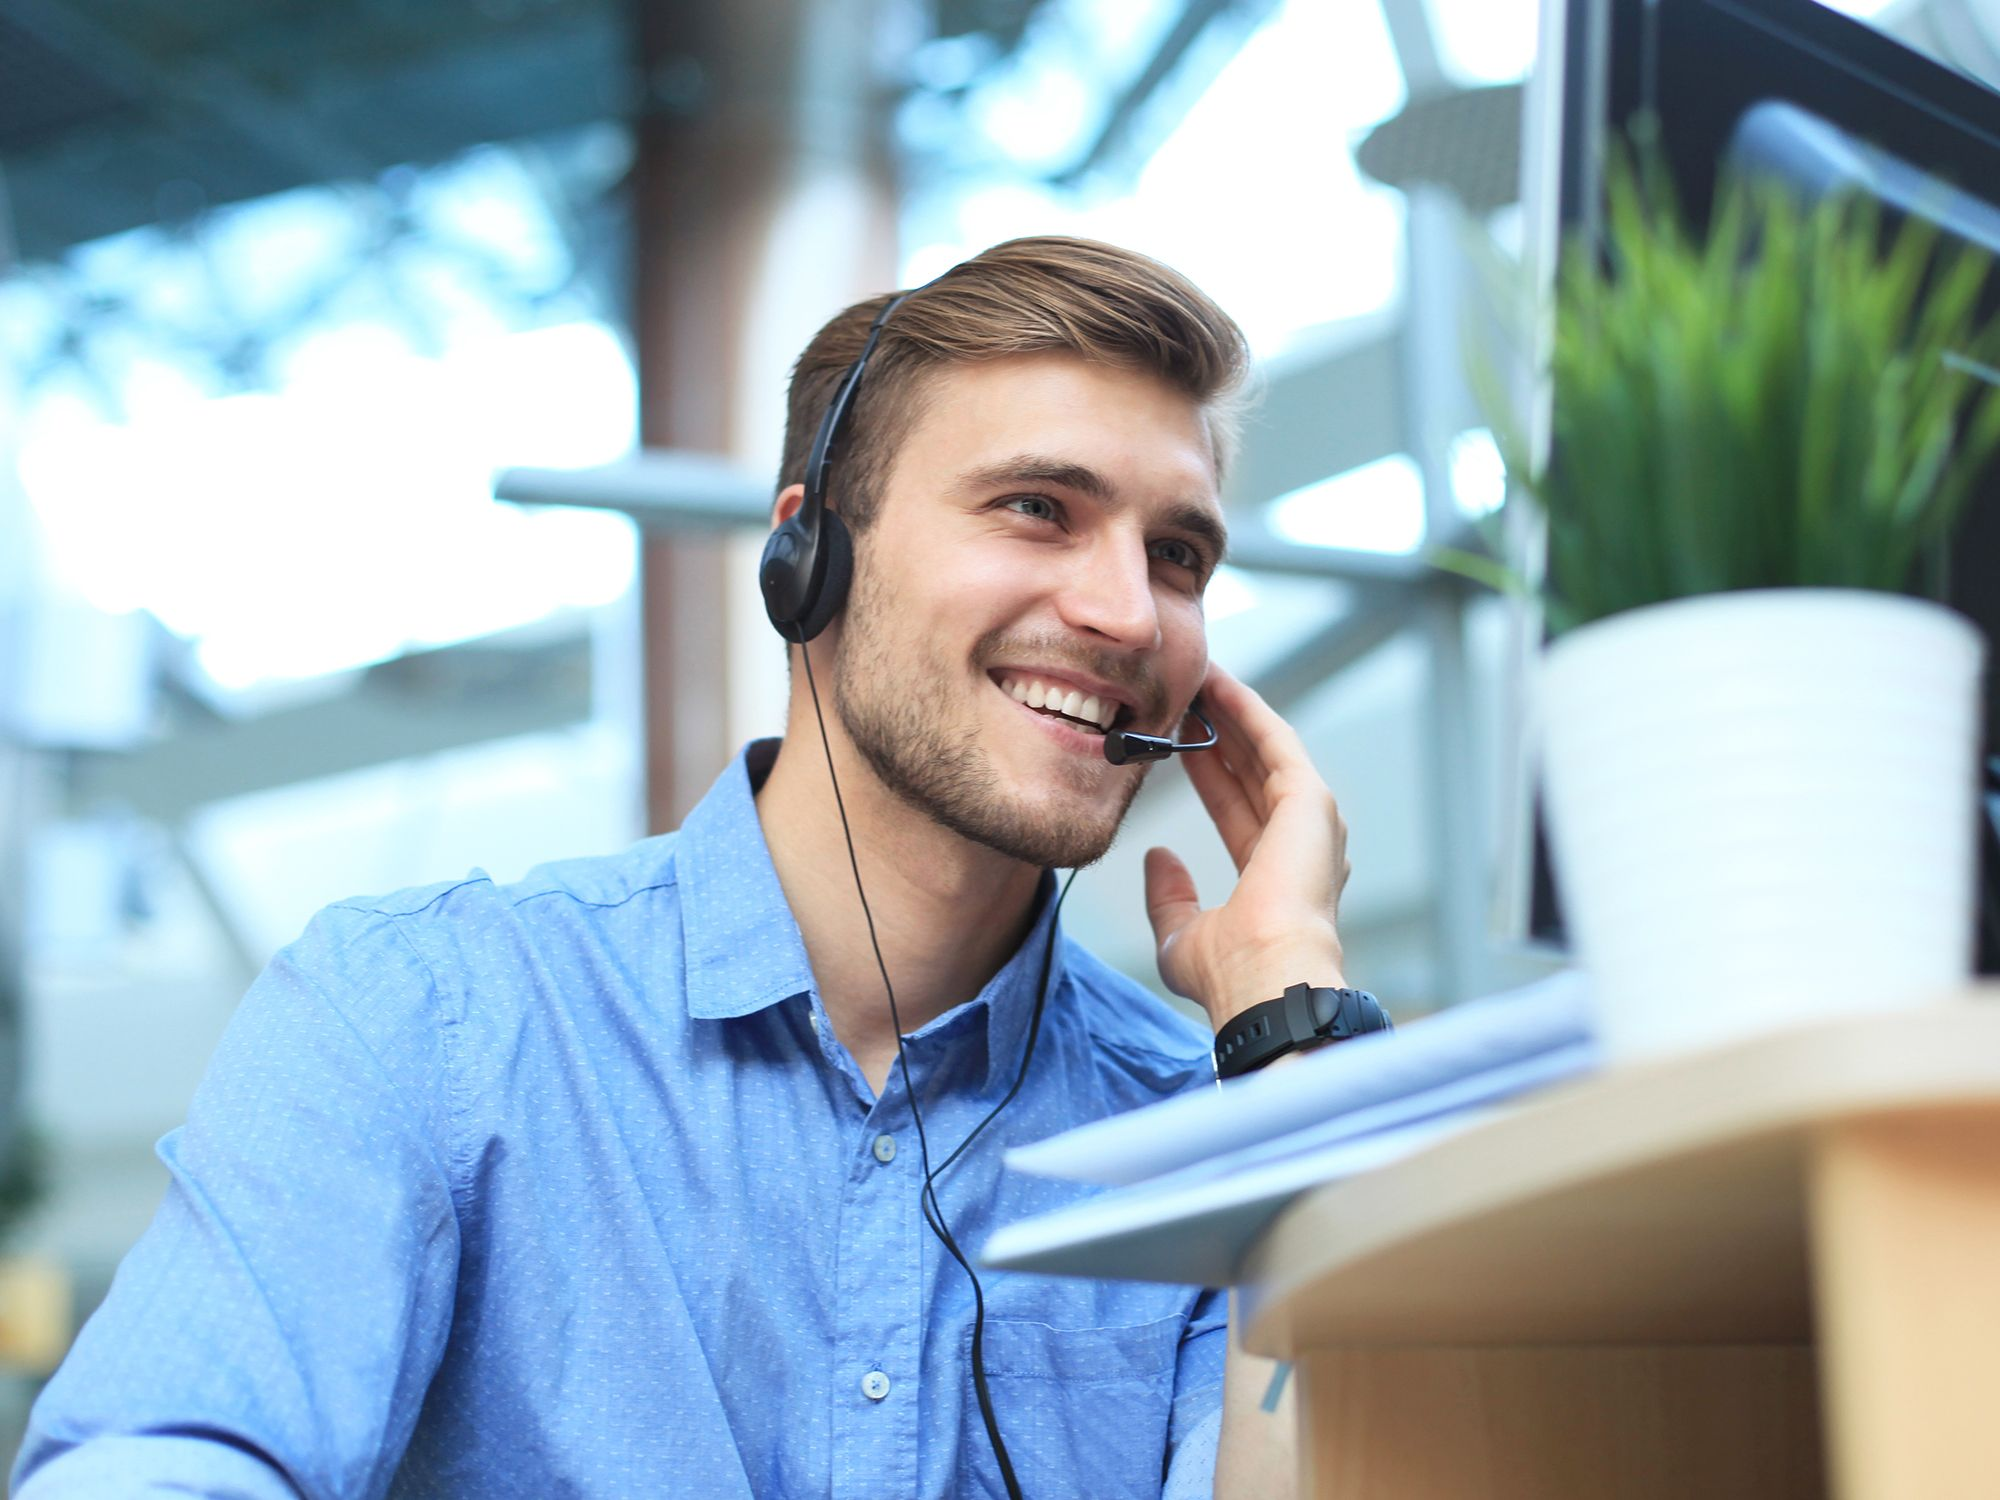 Level 3 - Empfangsmitarbeiter wie Rezeptionistin, Rezeptionisten, Empfangskräfte, Empfangsdamen, Empfangsherren, Empfangskraft, Empfangsassistenten, Empfangsassistentin, Empfangsangestellte, Empfangsassistenz, Empfangschef, Empfangspersonal, Empfangssekretärin, Empfangsservice, Front Office Agent, Front Office Manager, Rezeptionsmitarbeiter, Rezeptionsfachkraft, Tresenkraft, Tresenmitarbeiter, Bürohilfskraft, Bürofachkraft und Bürokraft für Büros, Büroarbeit, Büroaufgaben, Bürotätigkeiten, Büroorganisation, Urlaubsvertretung und Rekrutierung per Zeitarbeit, Arbeitnehmerüberlassung, Personalüberlassung und Personalvermittlung buchen und finden